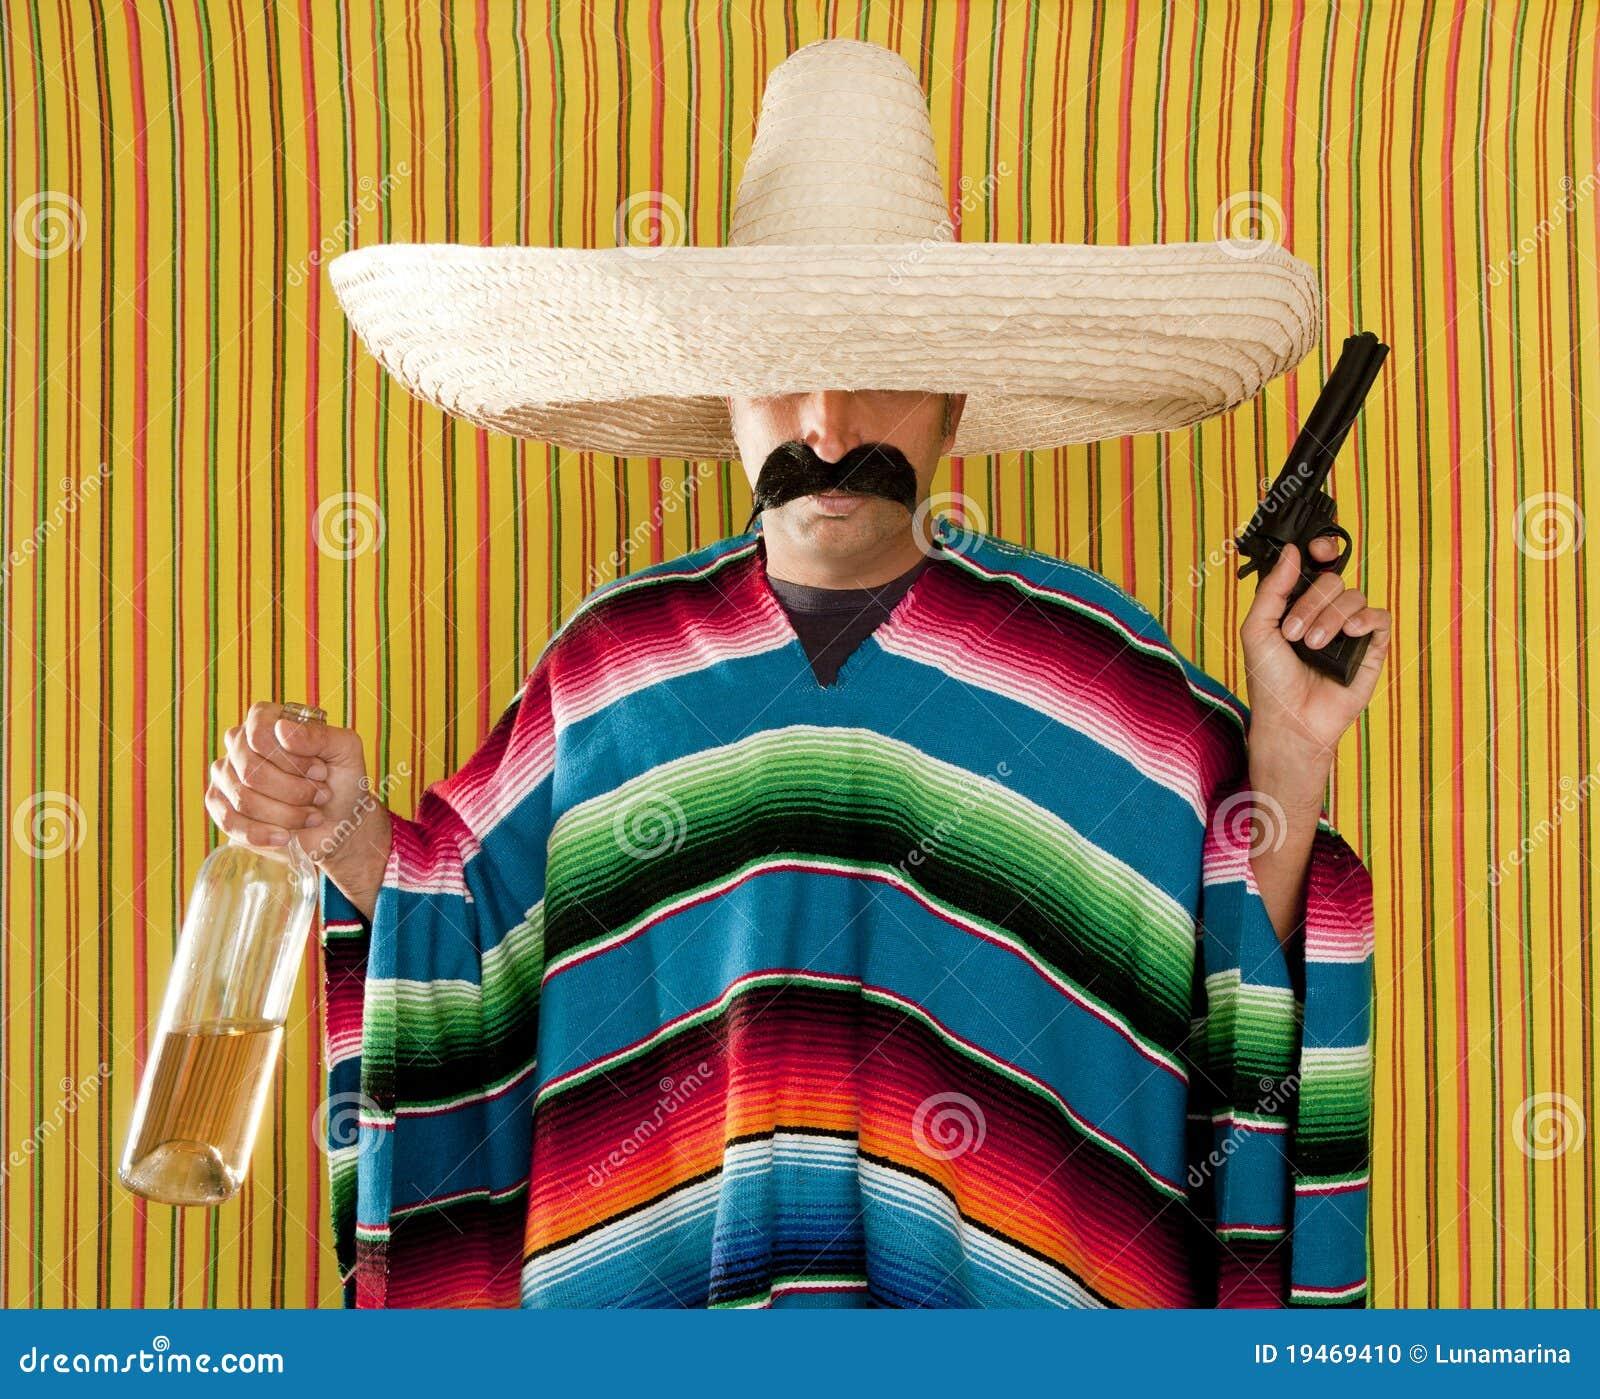 匪盗被喝的墨西哥髭左轮手枪龙舌兰&#